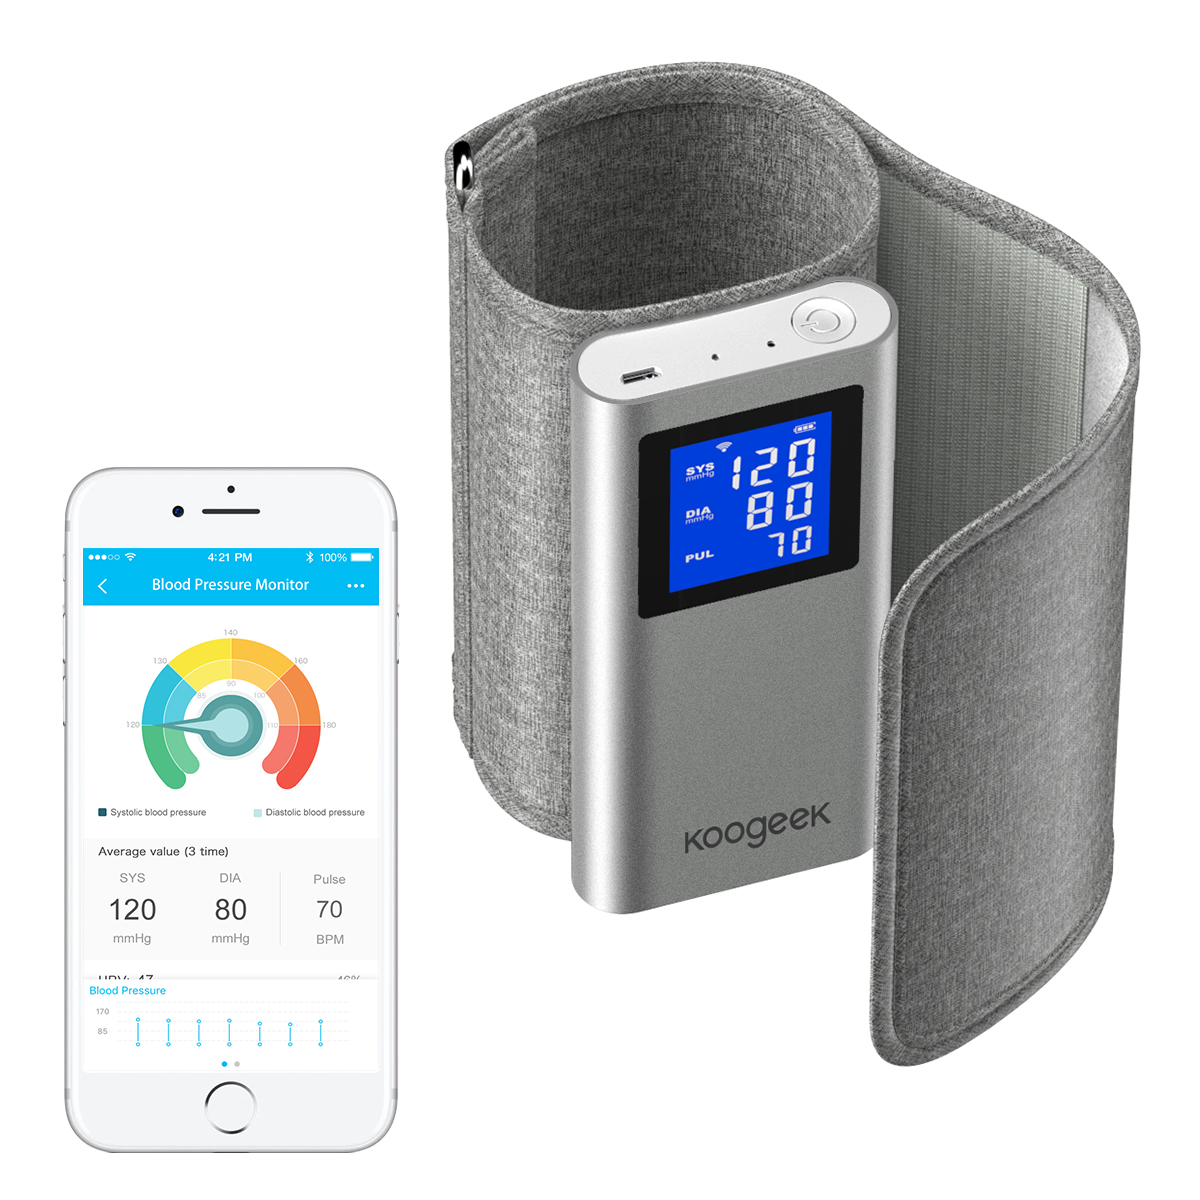 Koogeek Approvato DALLA FDA Smart Monitor di Pressione Sanguigna del Braccio Superiore di Rilevamento della Frequenza Cardiaca per iOS Android Automatico Ricaricabile Uso Domestico-in Pressione sanguigna da Bellezza e salute su  Gruppo 1